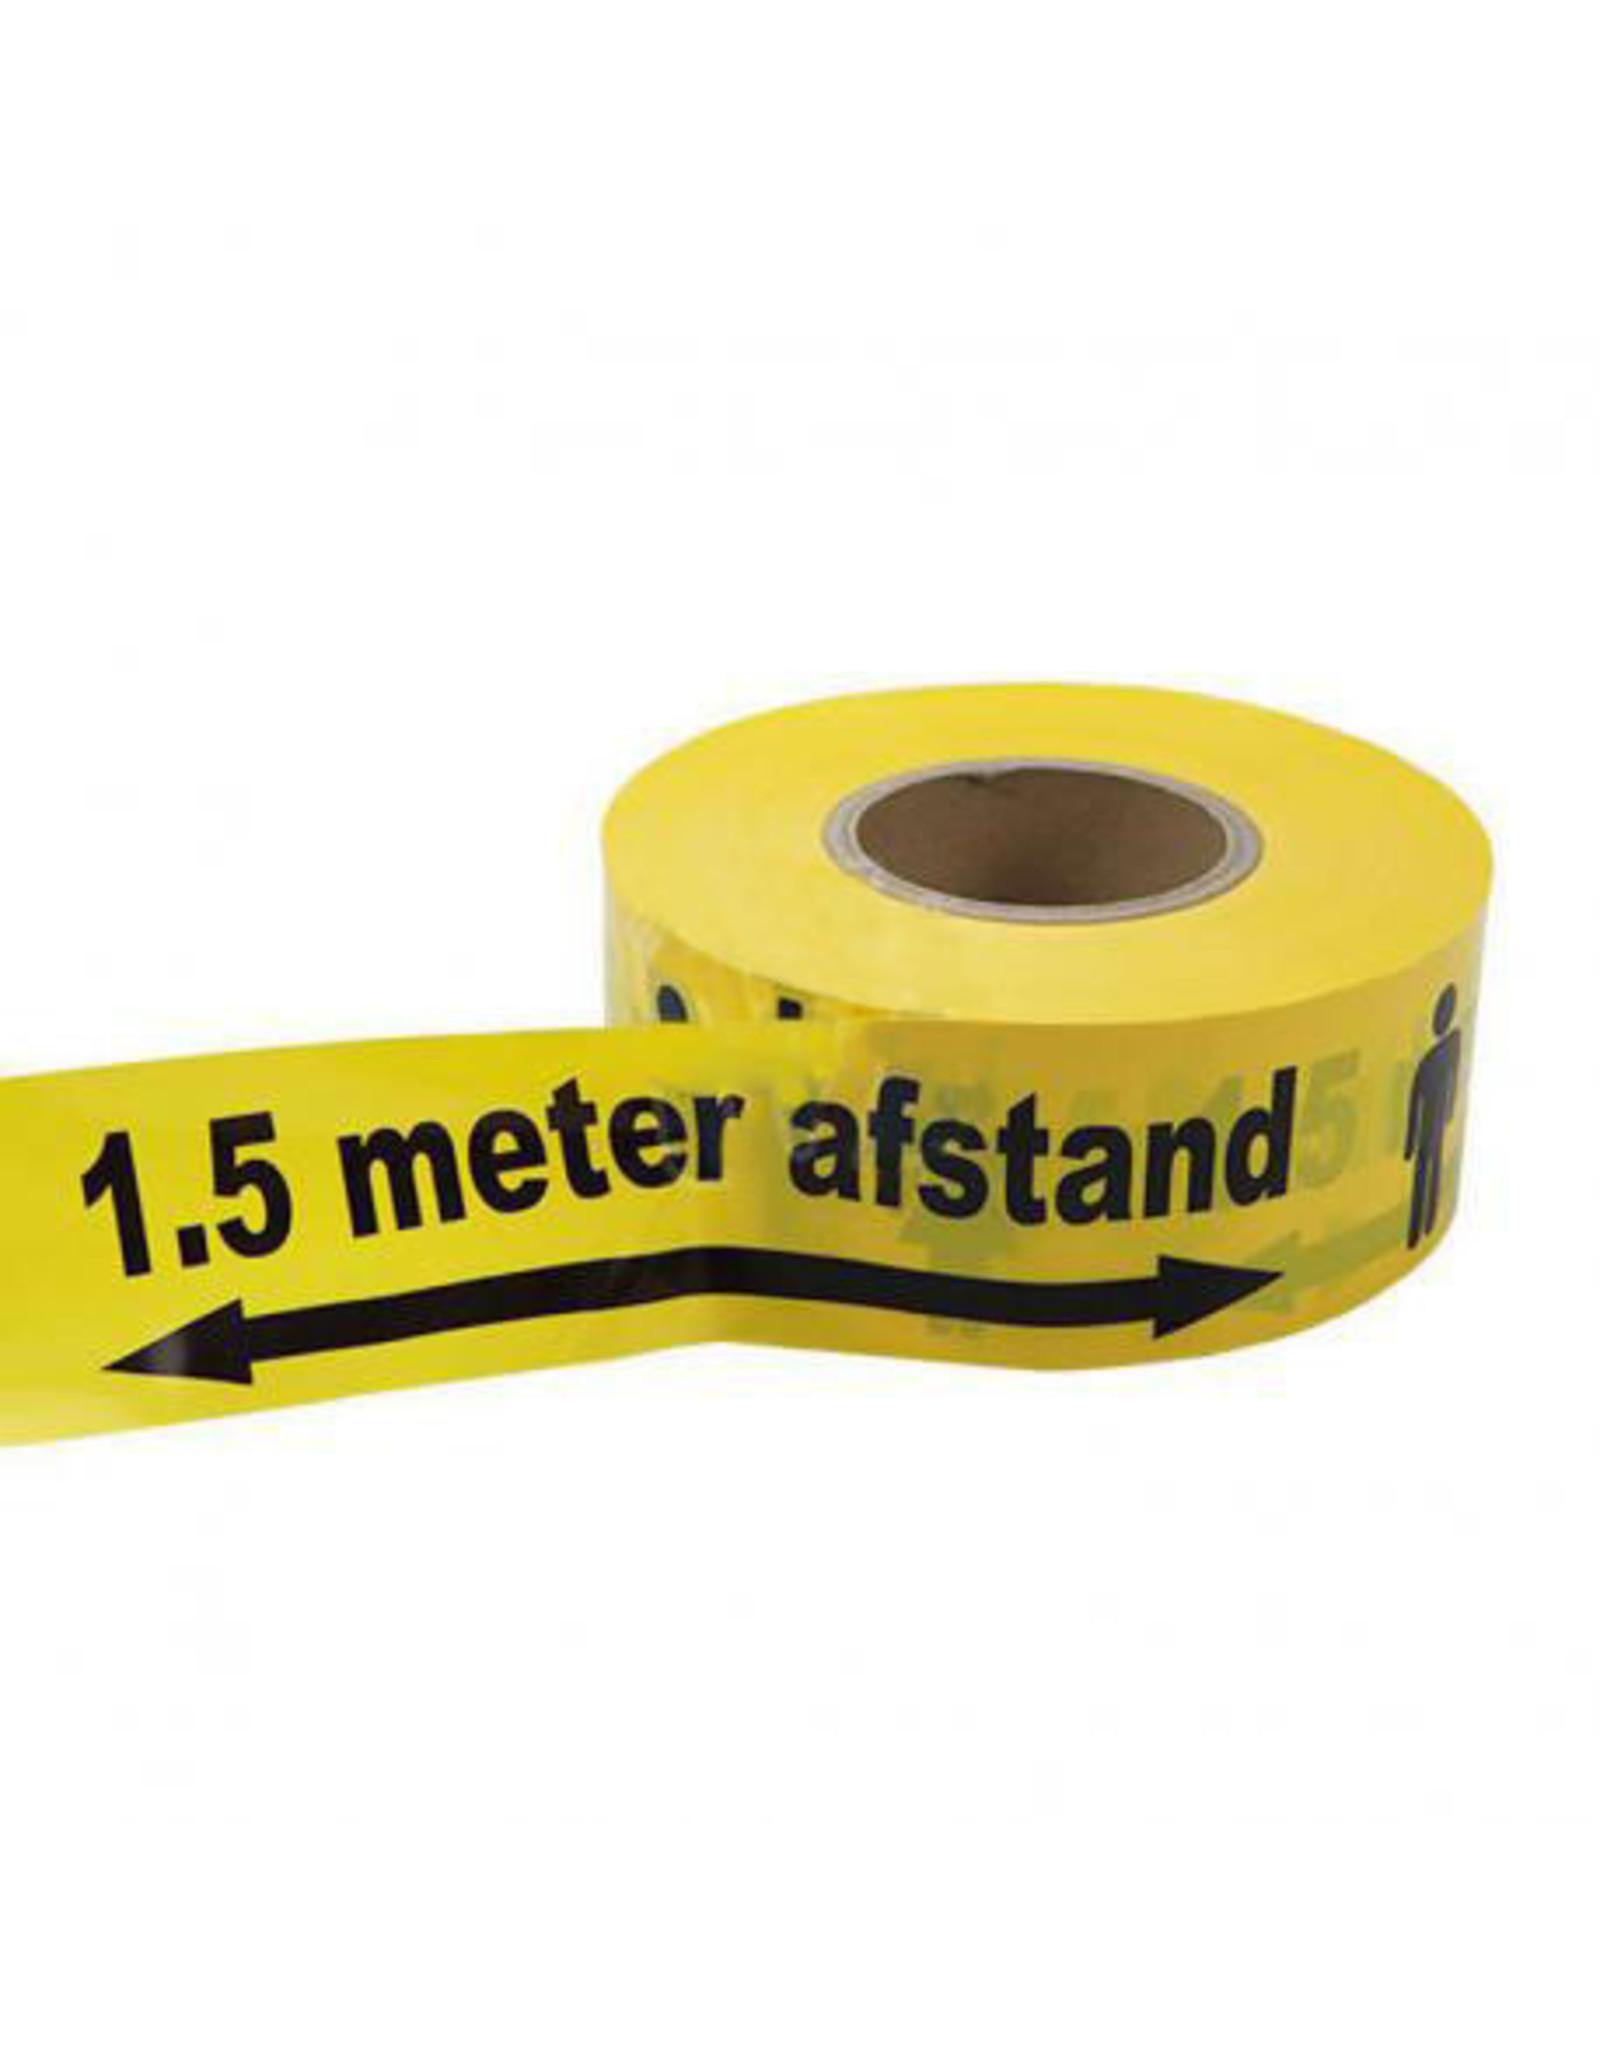 BrouwerSign Lint - 1,5 meter afstand